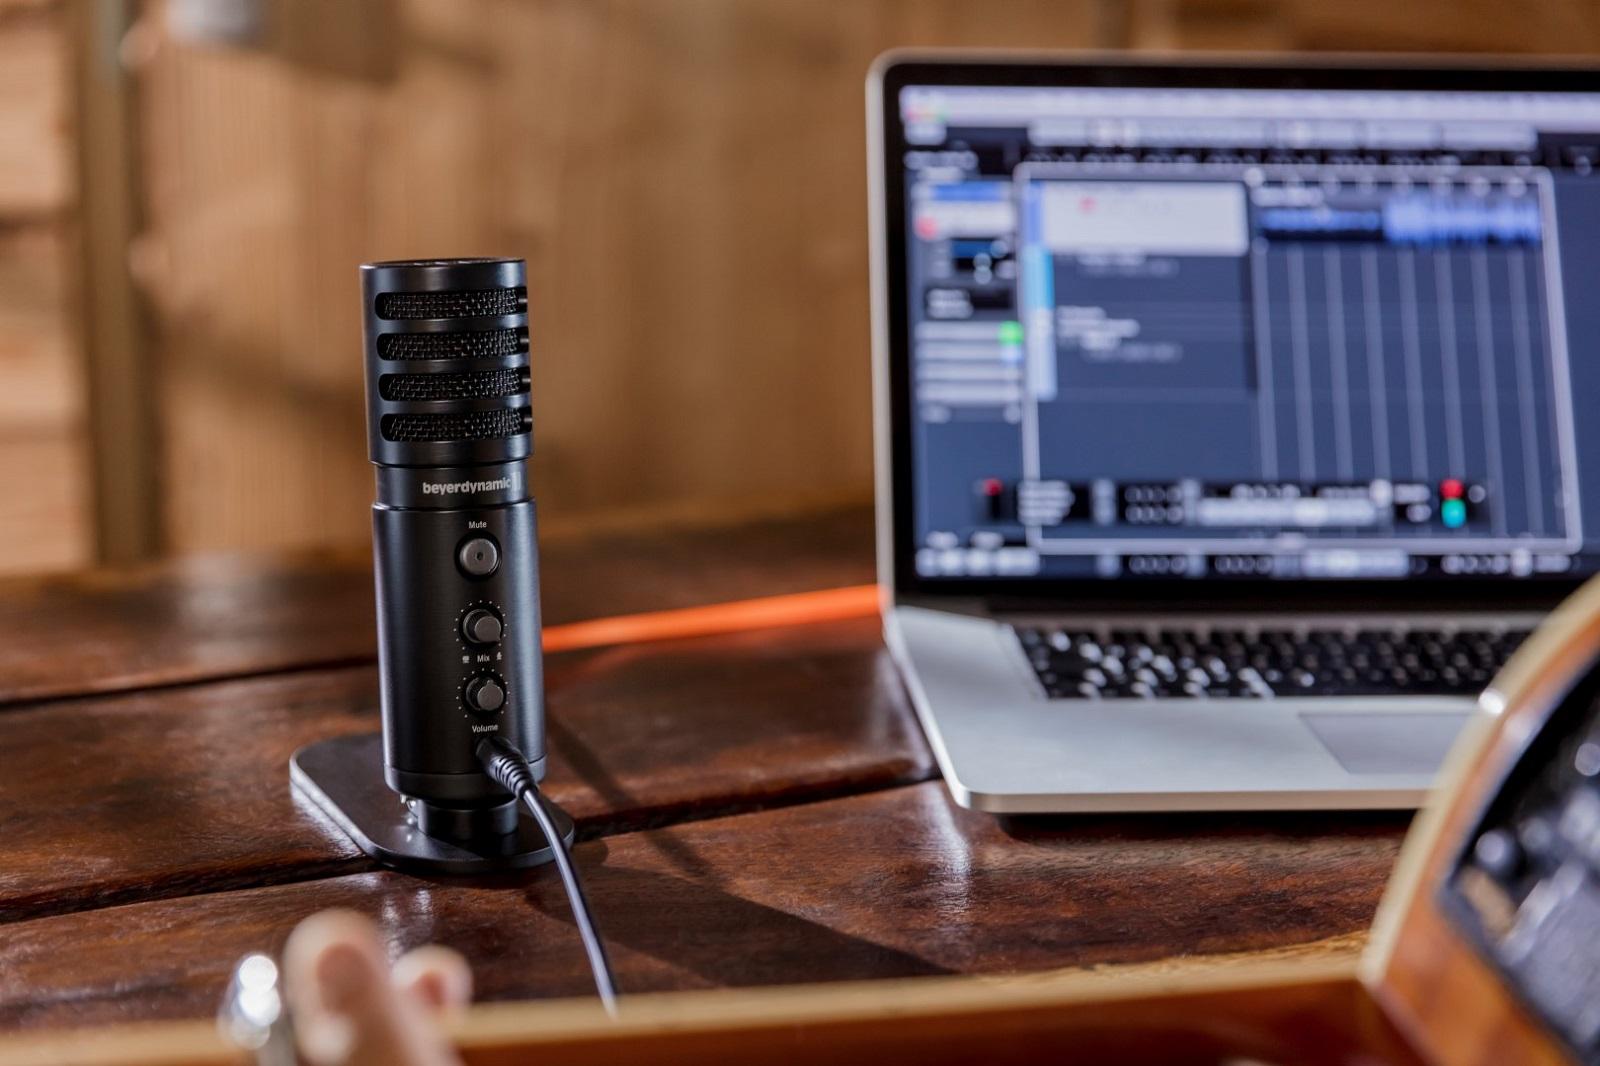 10f32c9b0a027 Micrófono de estudio USB de Beyerdinamic para grabación y podcasting